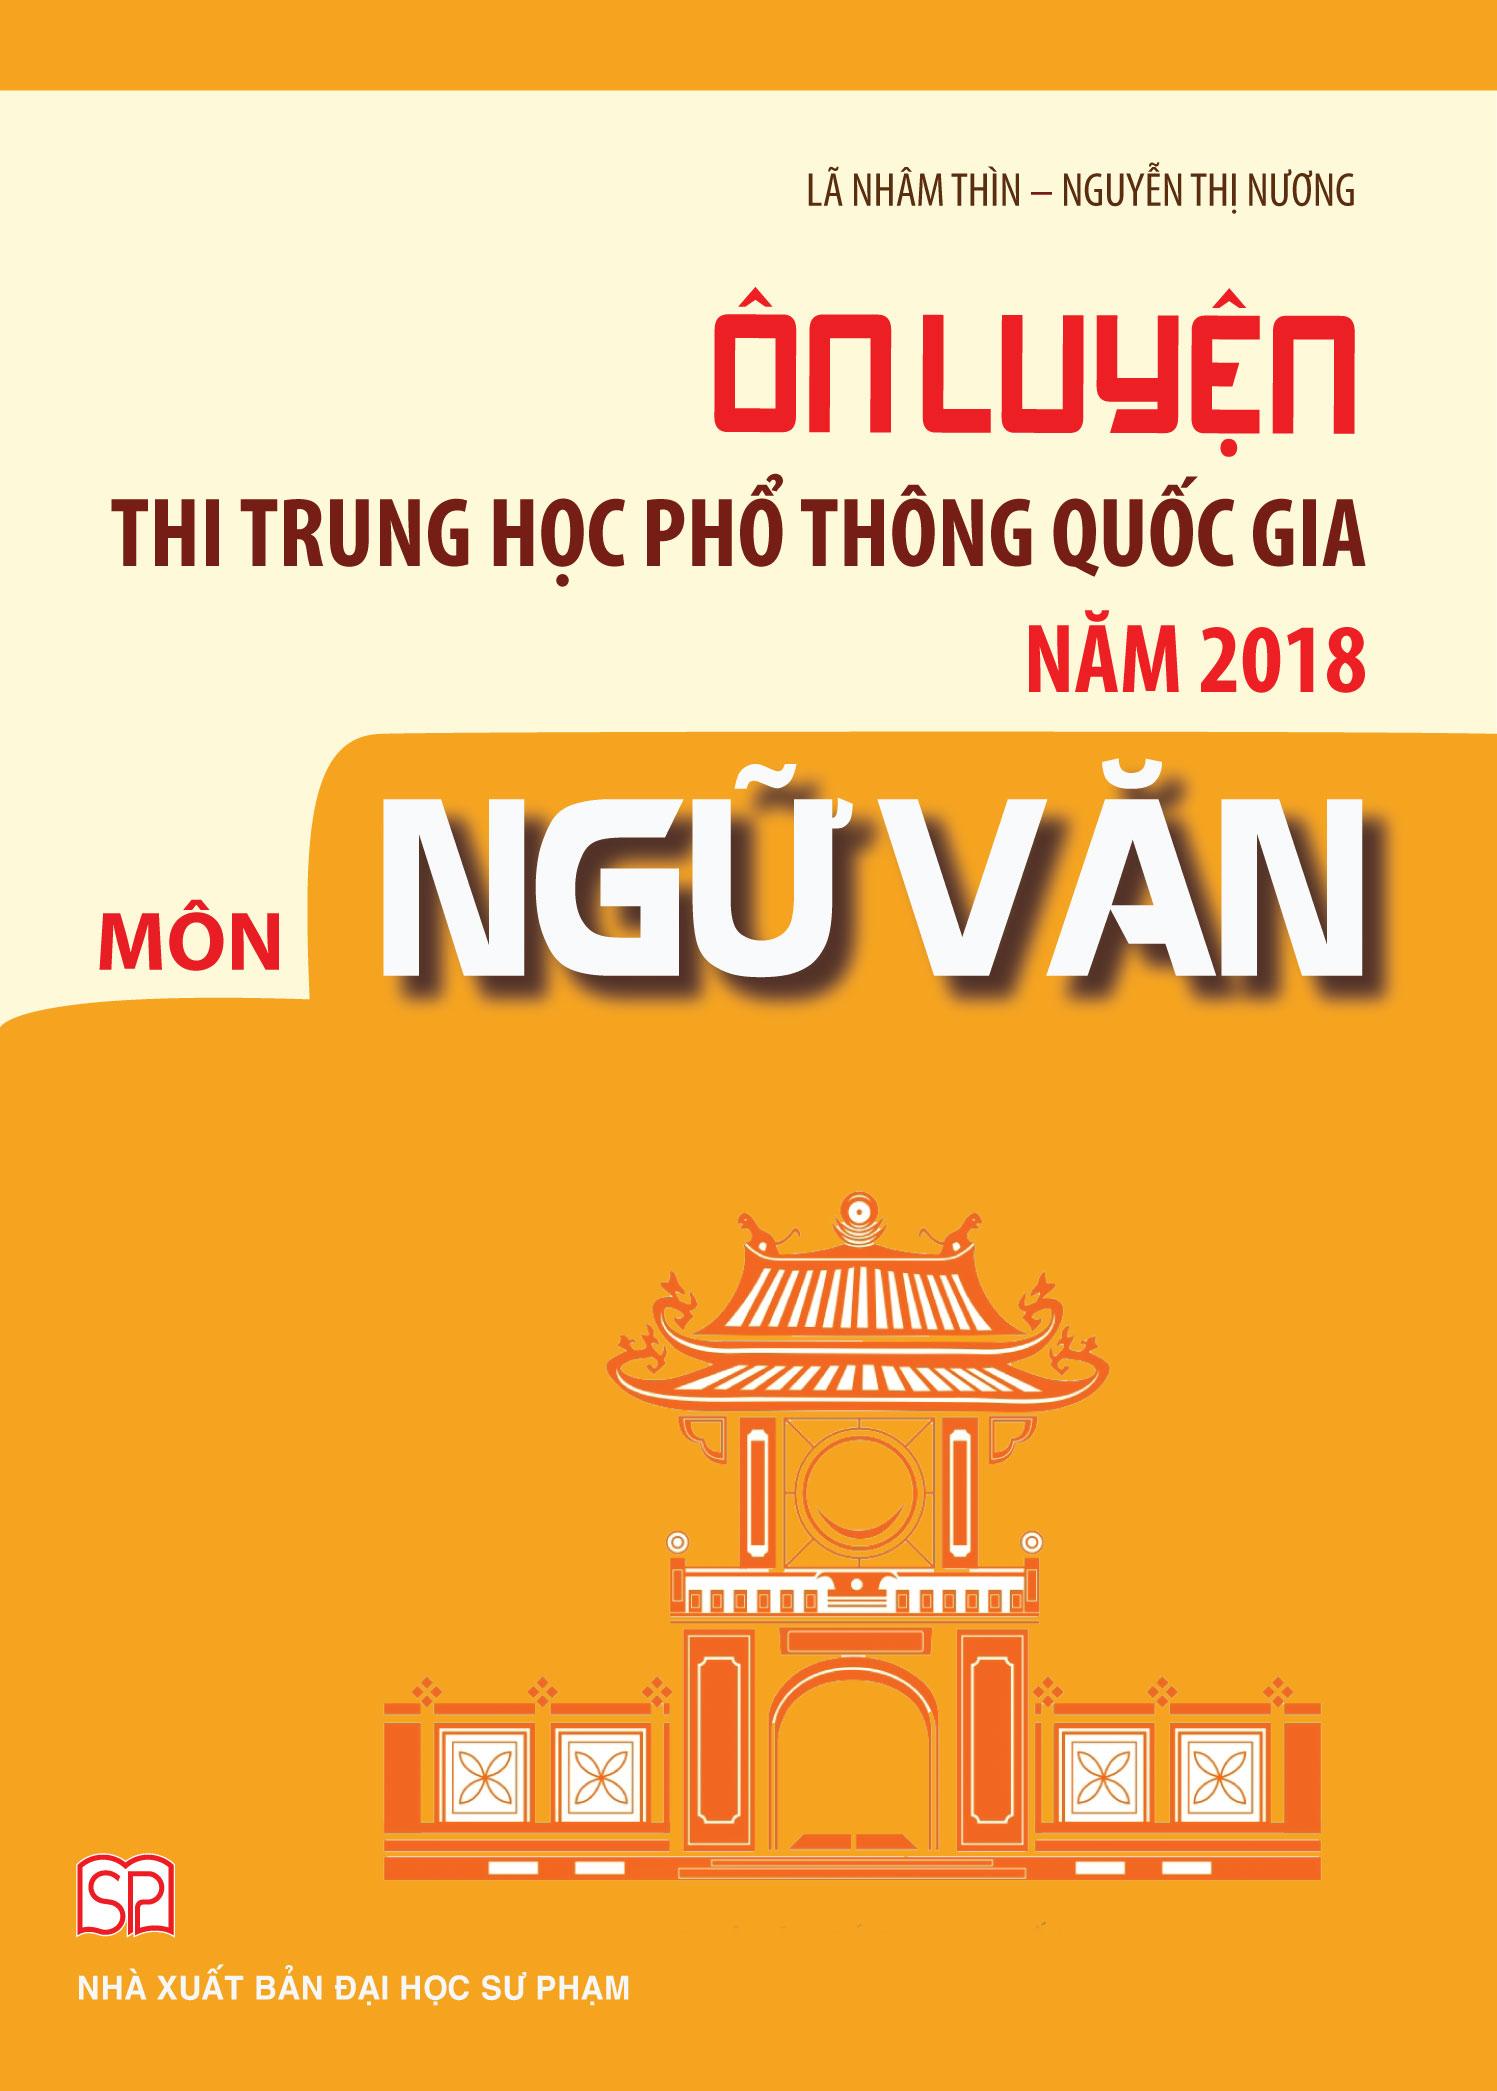 Ôn Luyện Thi THPT Quốc Gia Năm 2018 Môn Ngữ Văn - EBOOK/PDF/PRC/EPUB